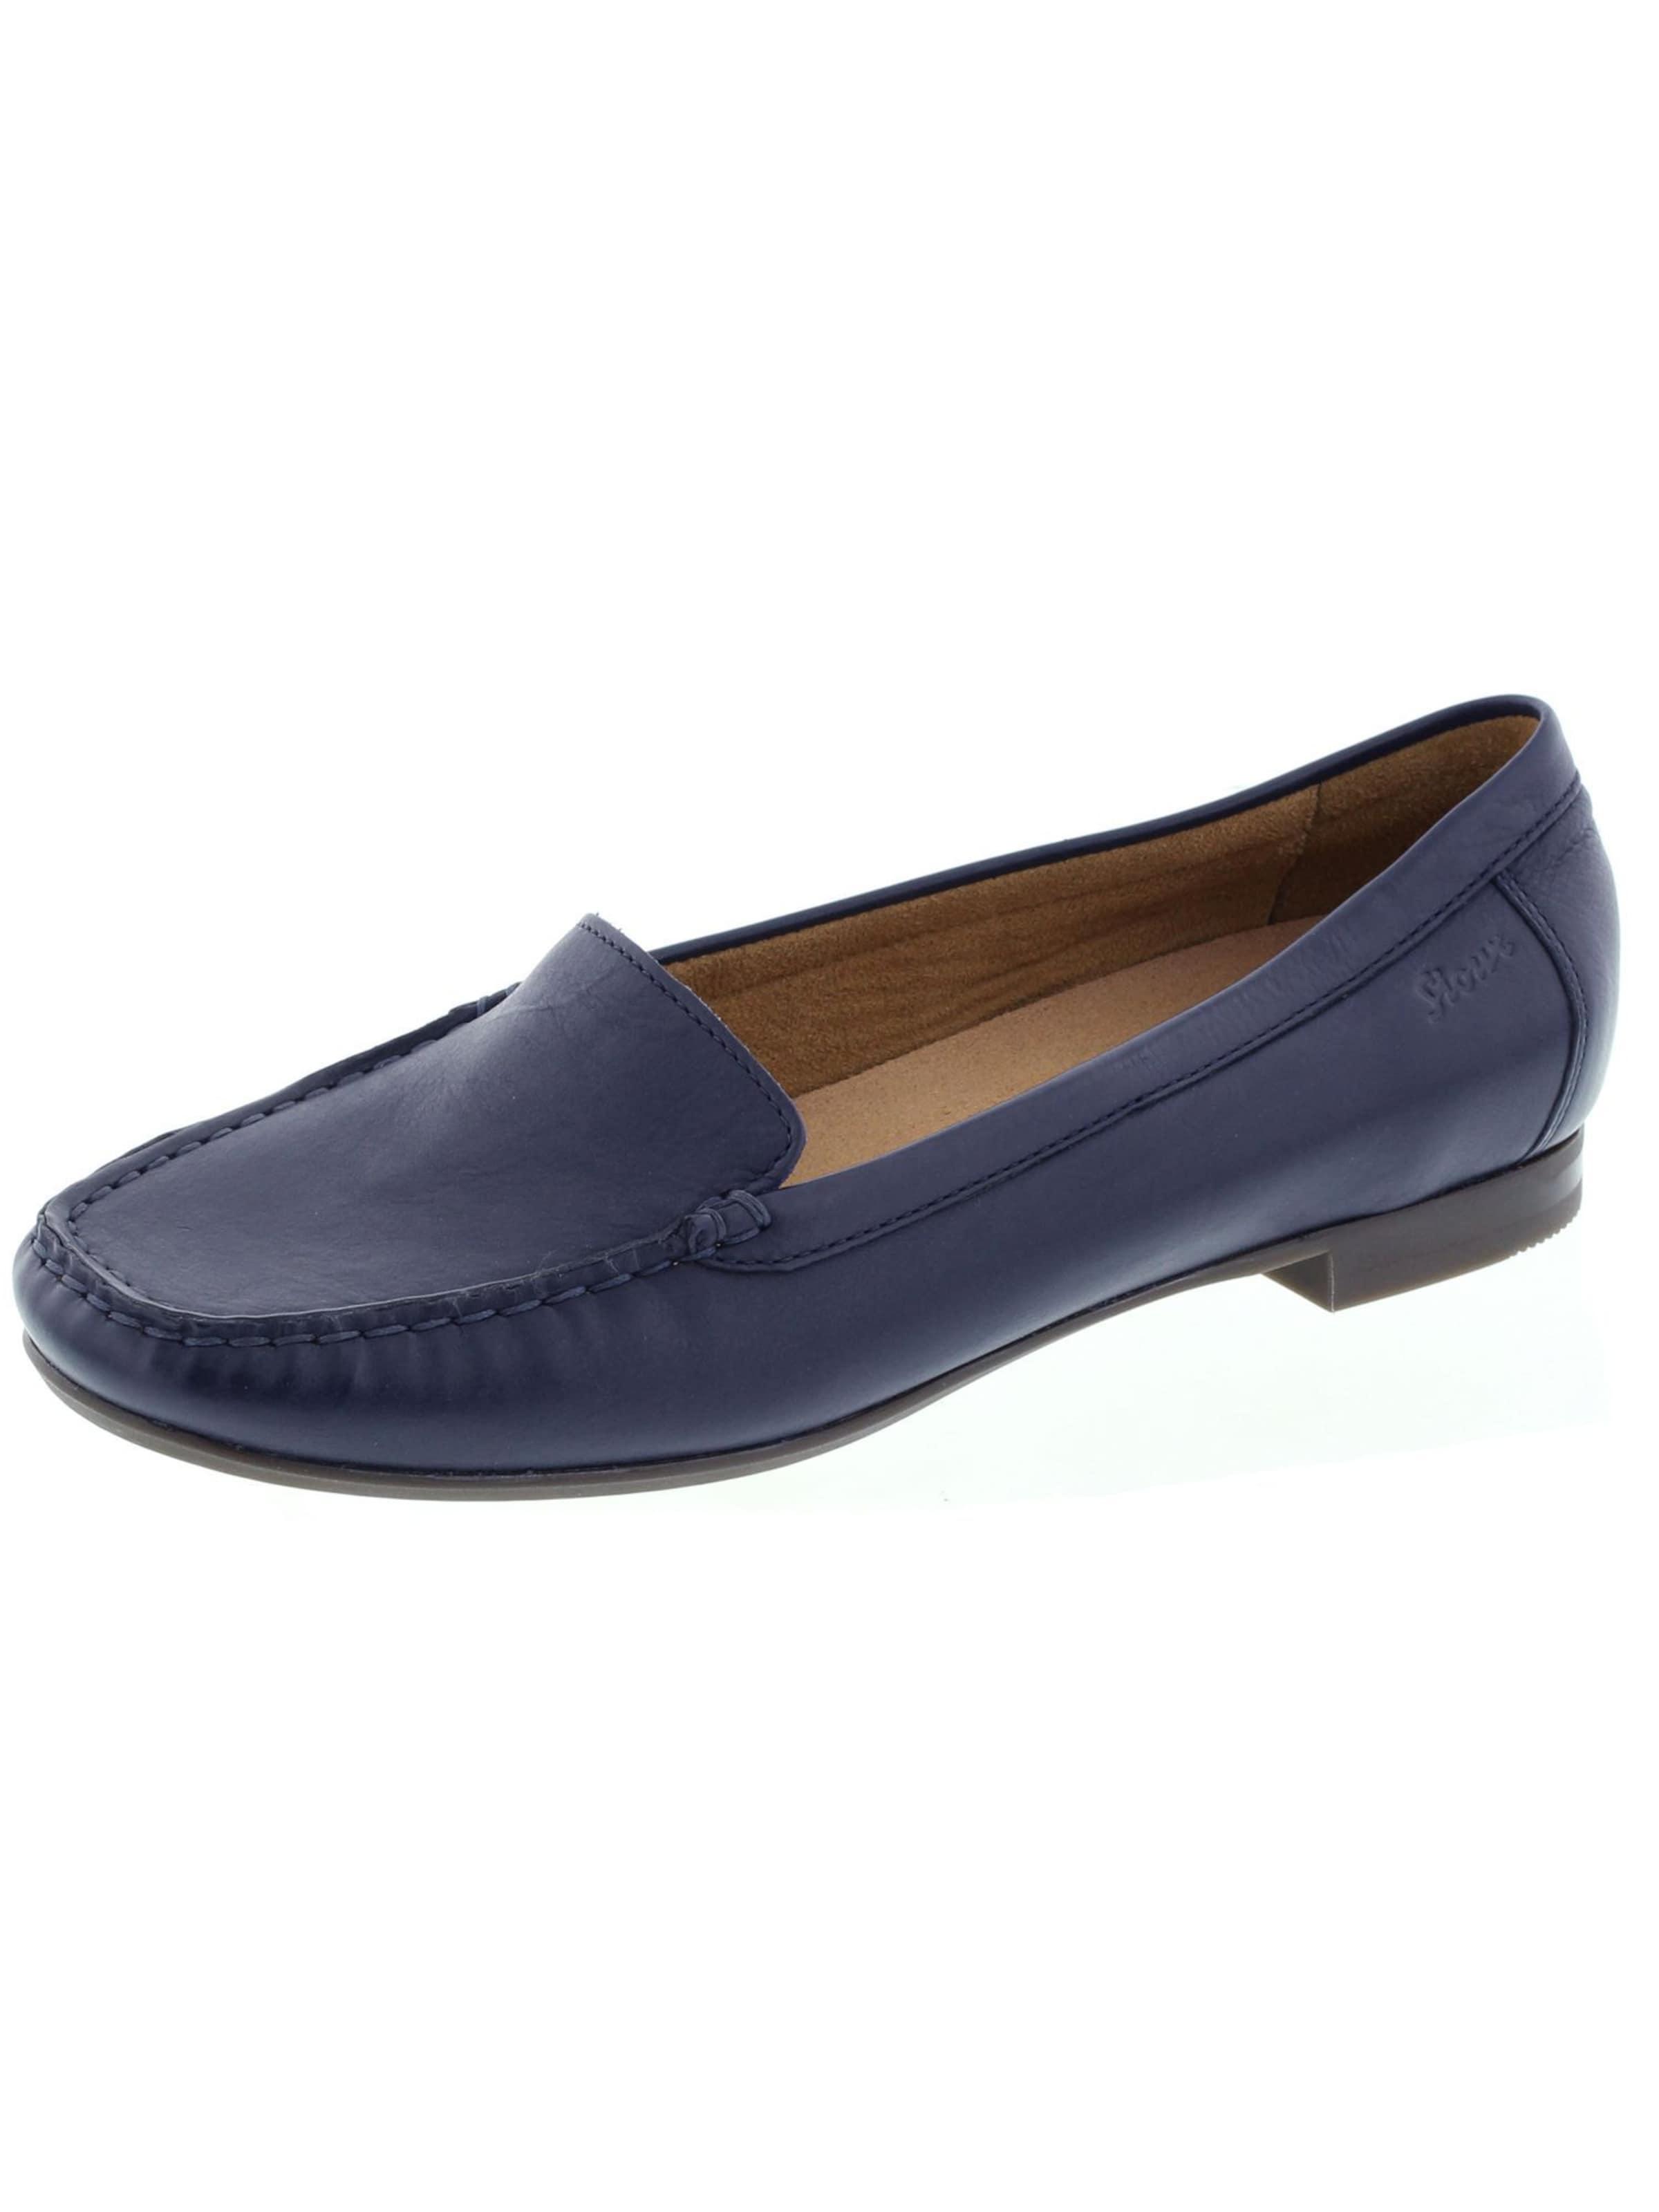 SIOUX Mokassin Zalla Verschleißfeste billige Schuhe